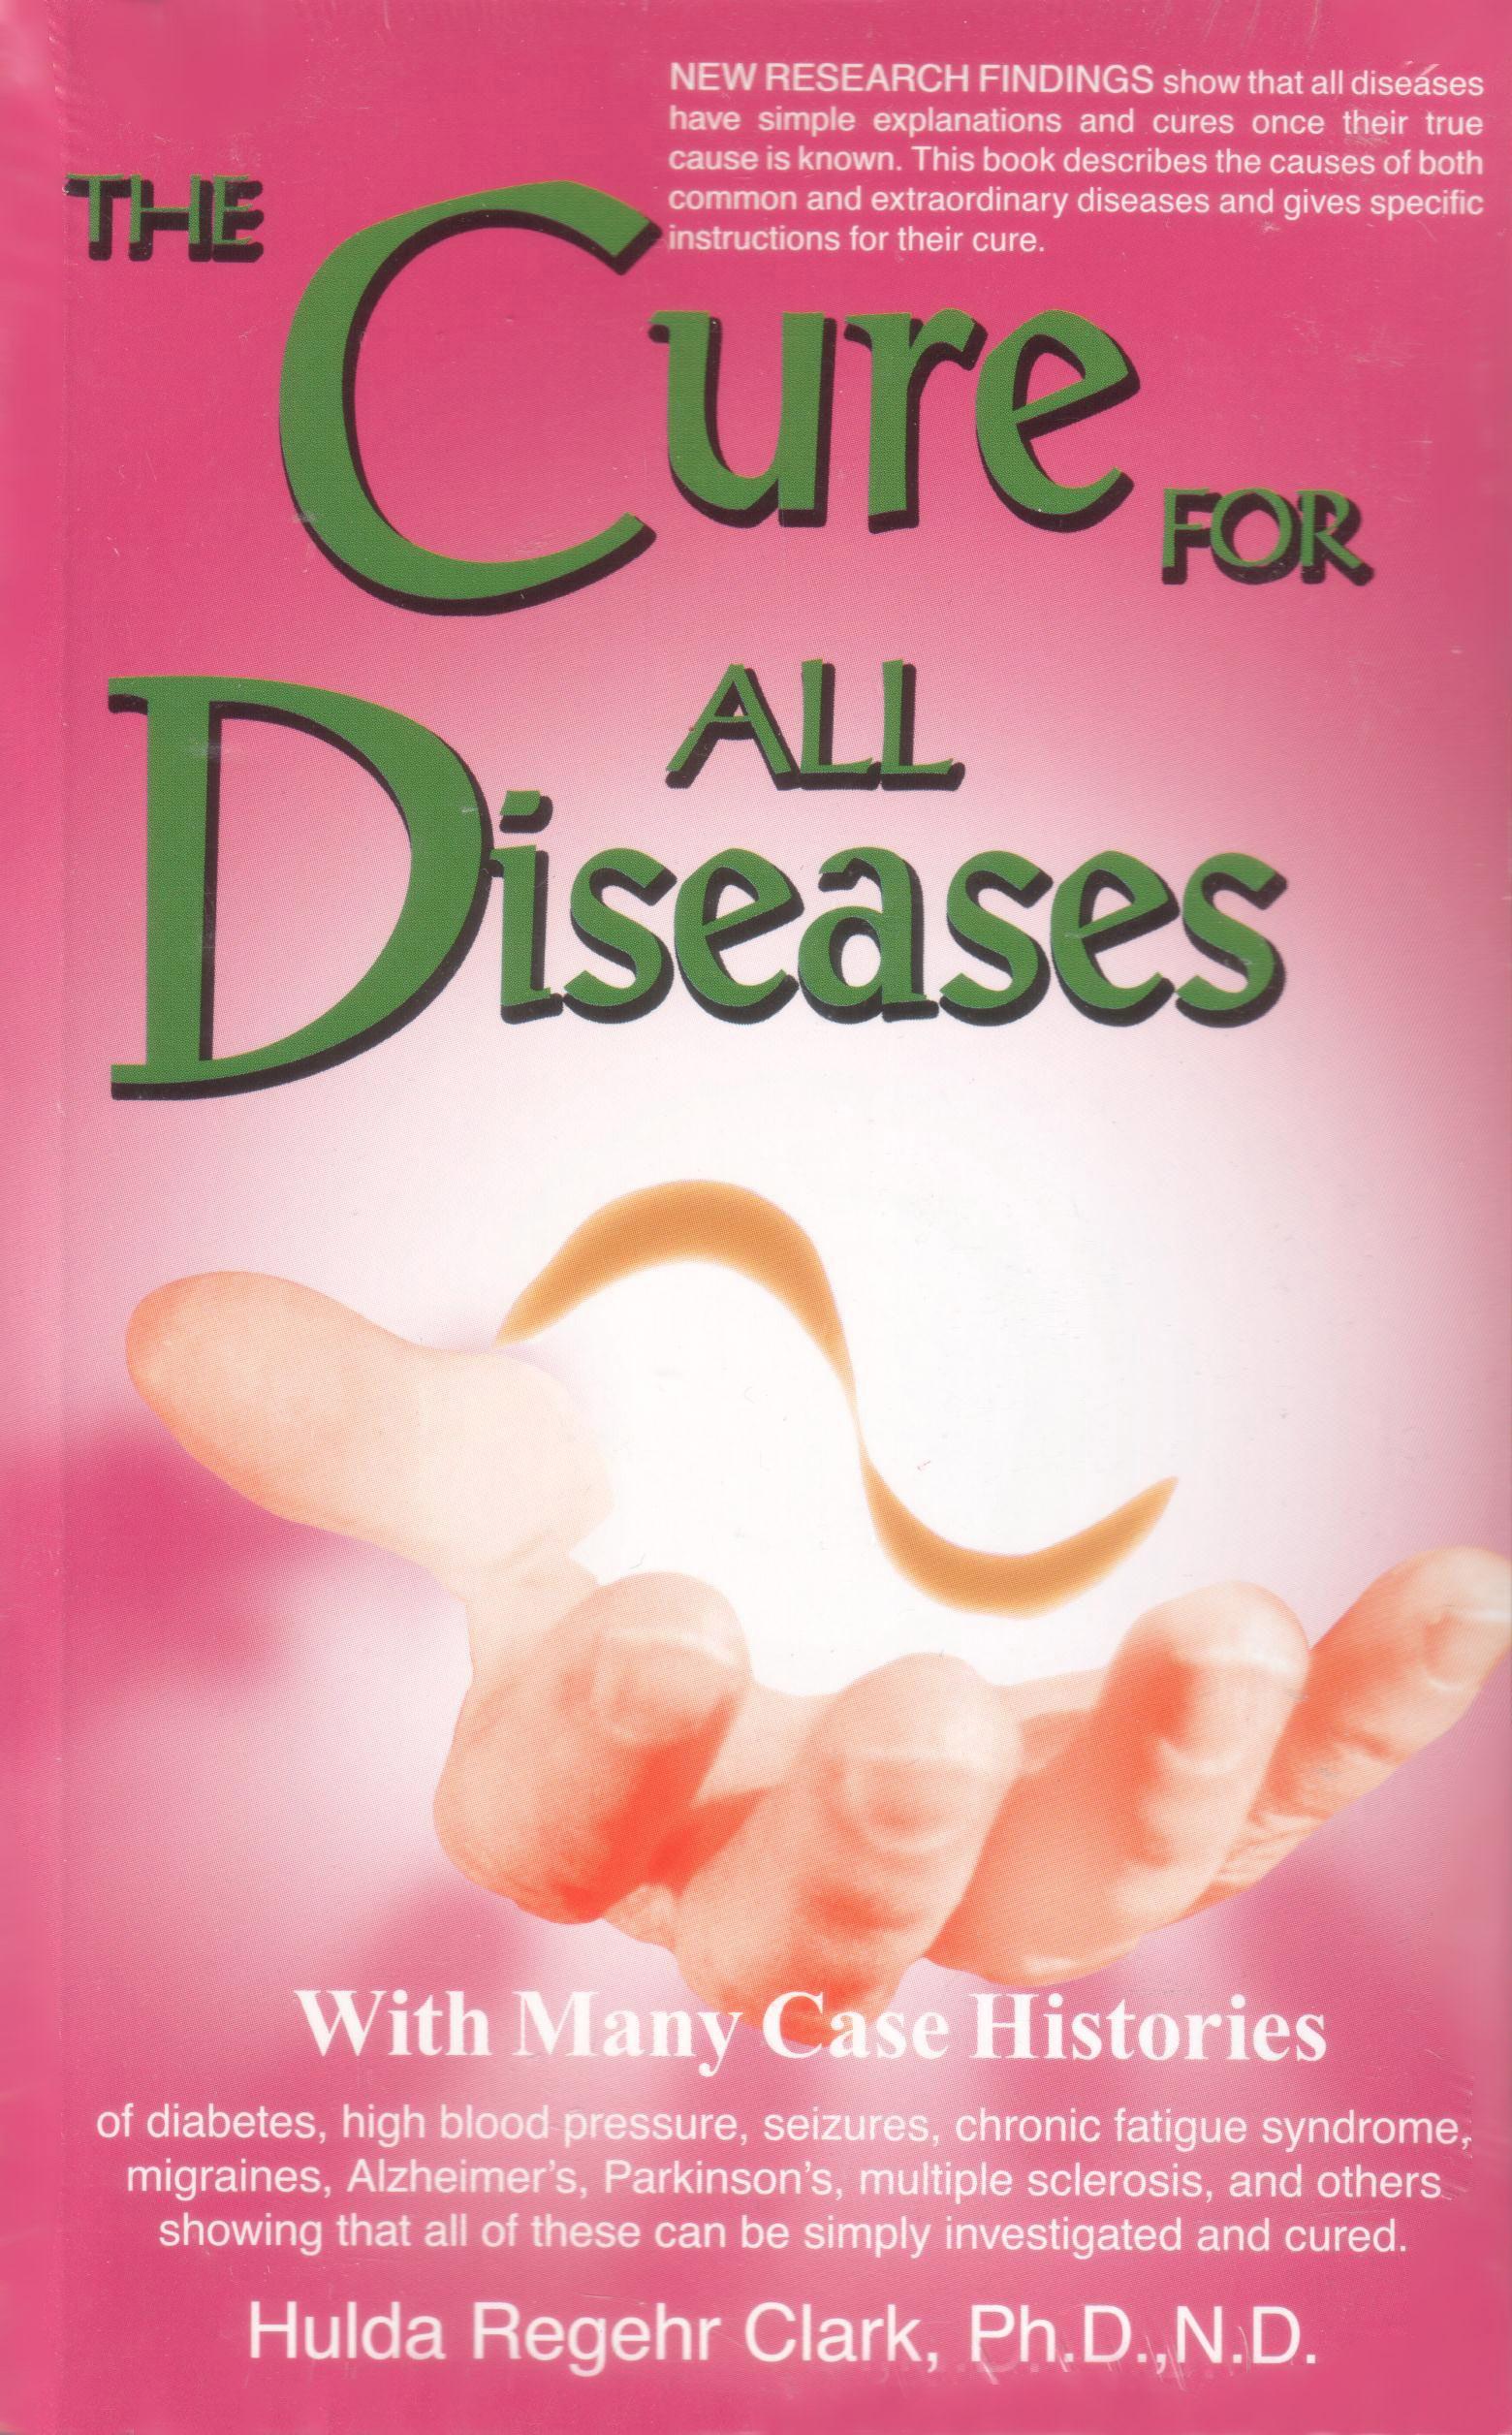 The Cure for all Diseases von Hulda Clark auf englisch